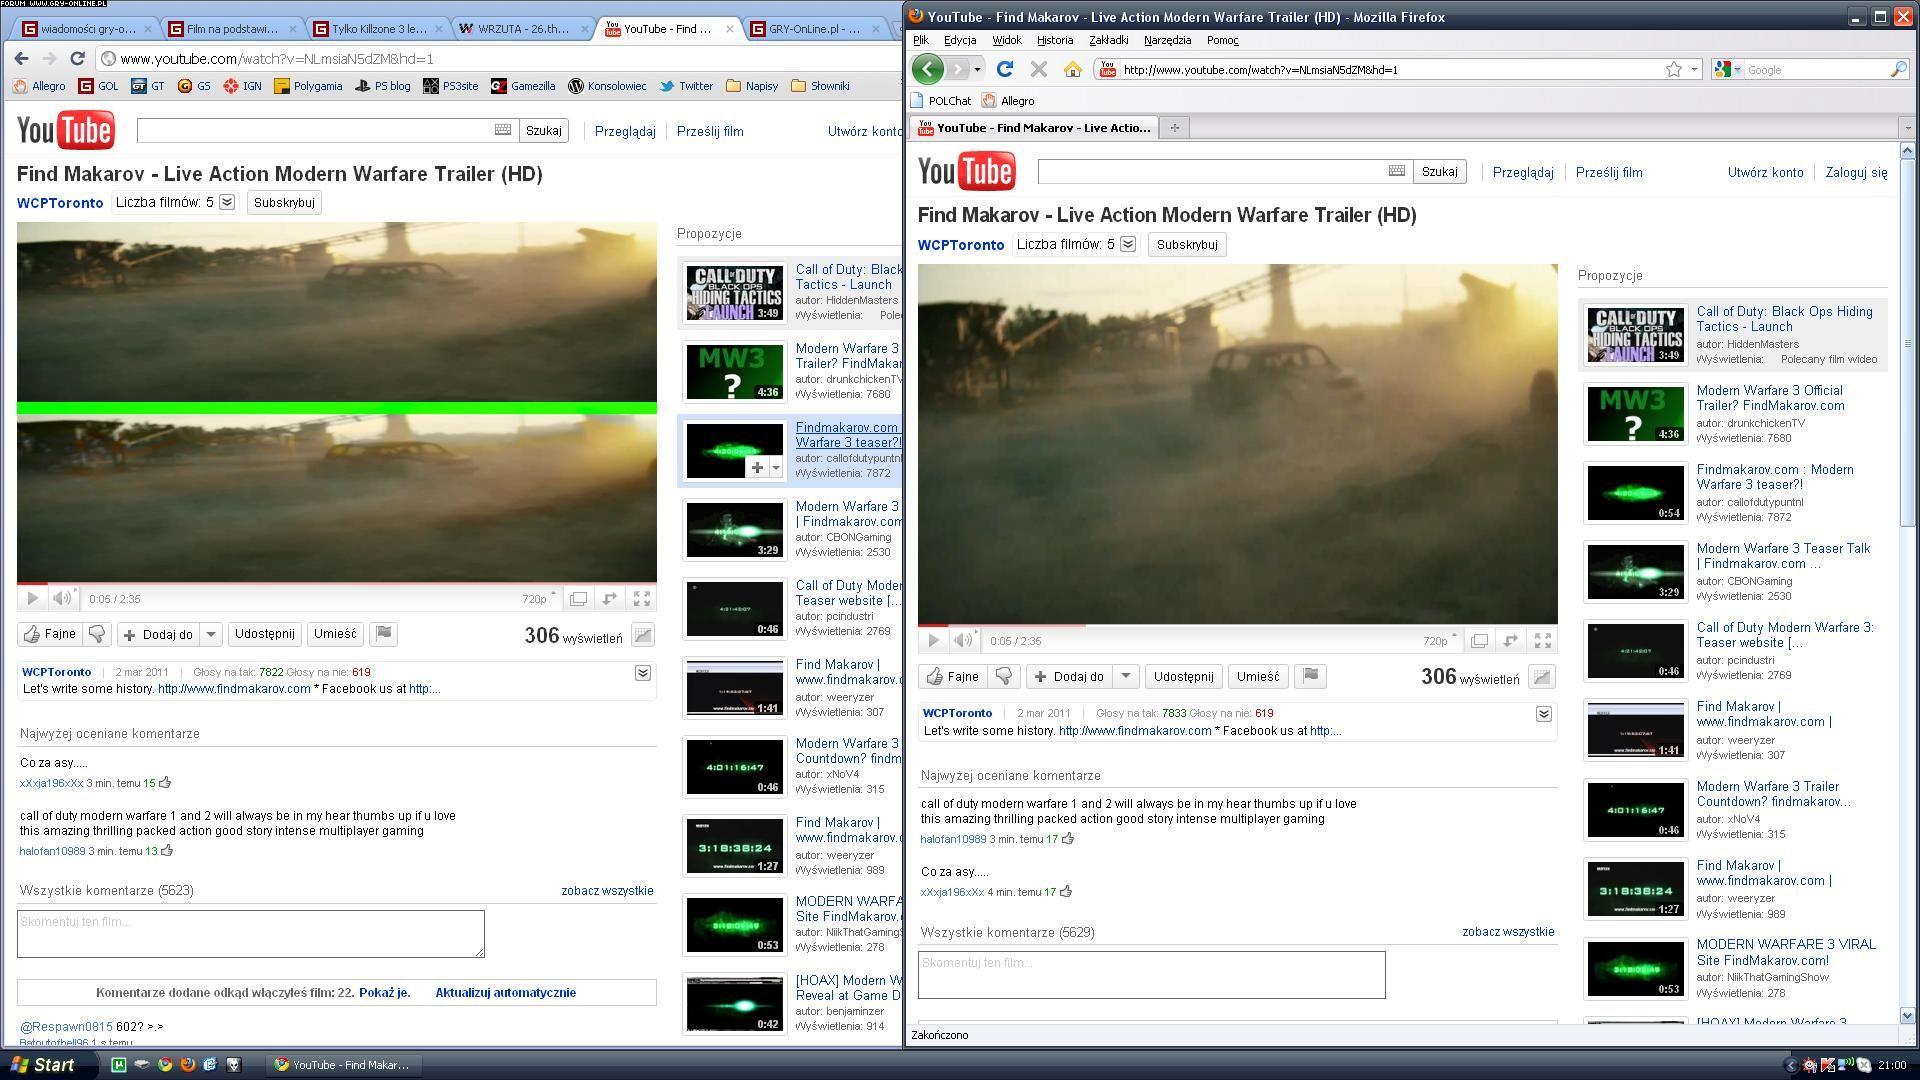 Co za draństwo?! Filmiki a Google Chrome - Ilustracja 1/1 - forum gry-online.pl